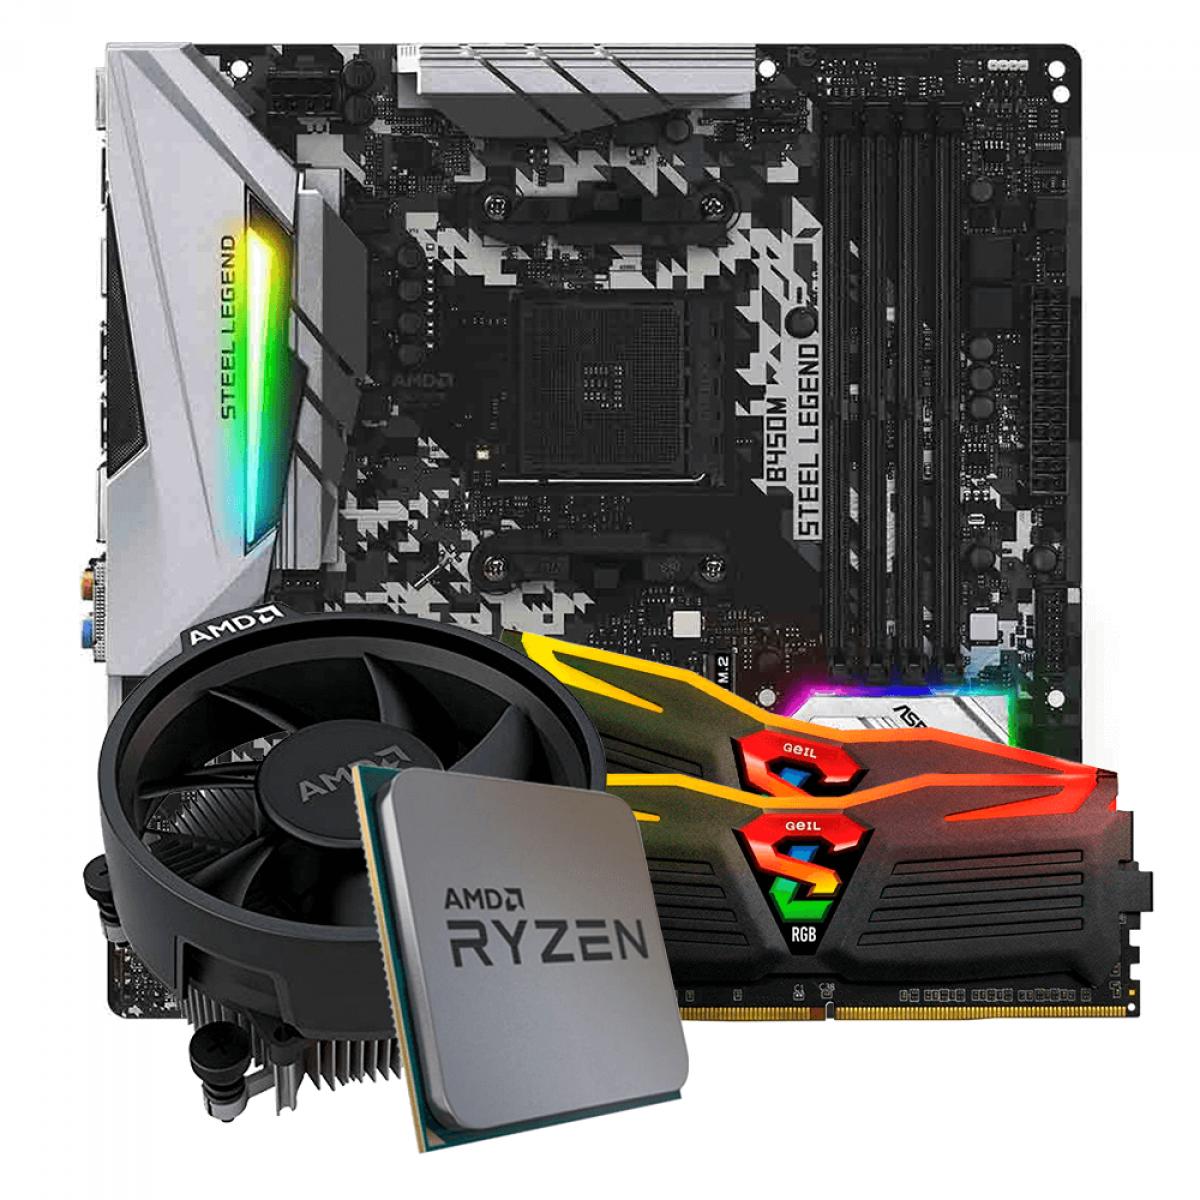 Kit Upgrade, AMD Ryzen 5 3500, ASRock B450M Steel Legend, Memória Geil Super Luce DDR4 16GB (2x8GB) 3000MHz